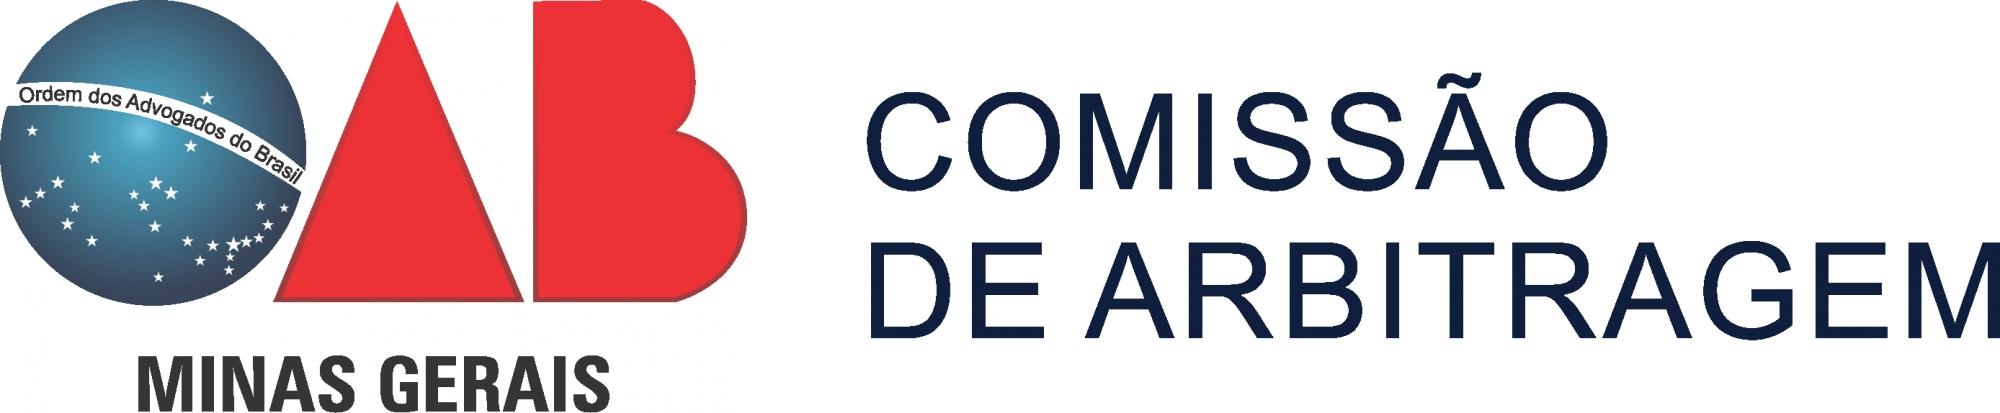 COMISSÃO DE ARBITRAGEM OAB MG